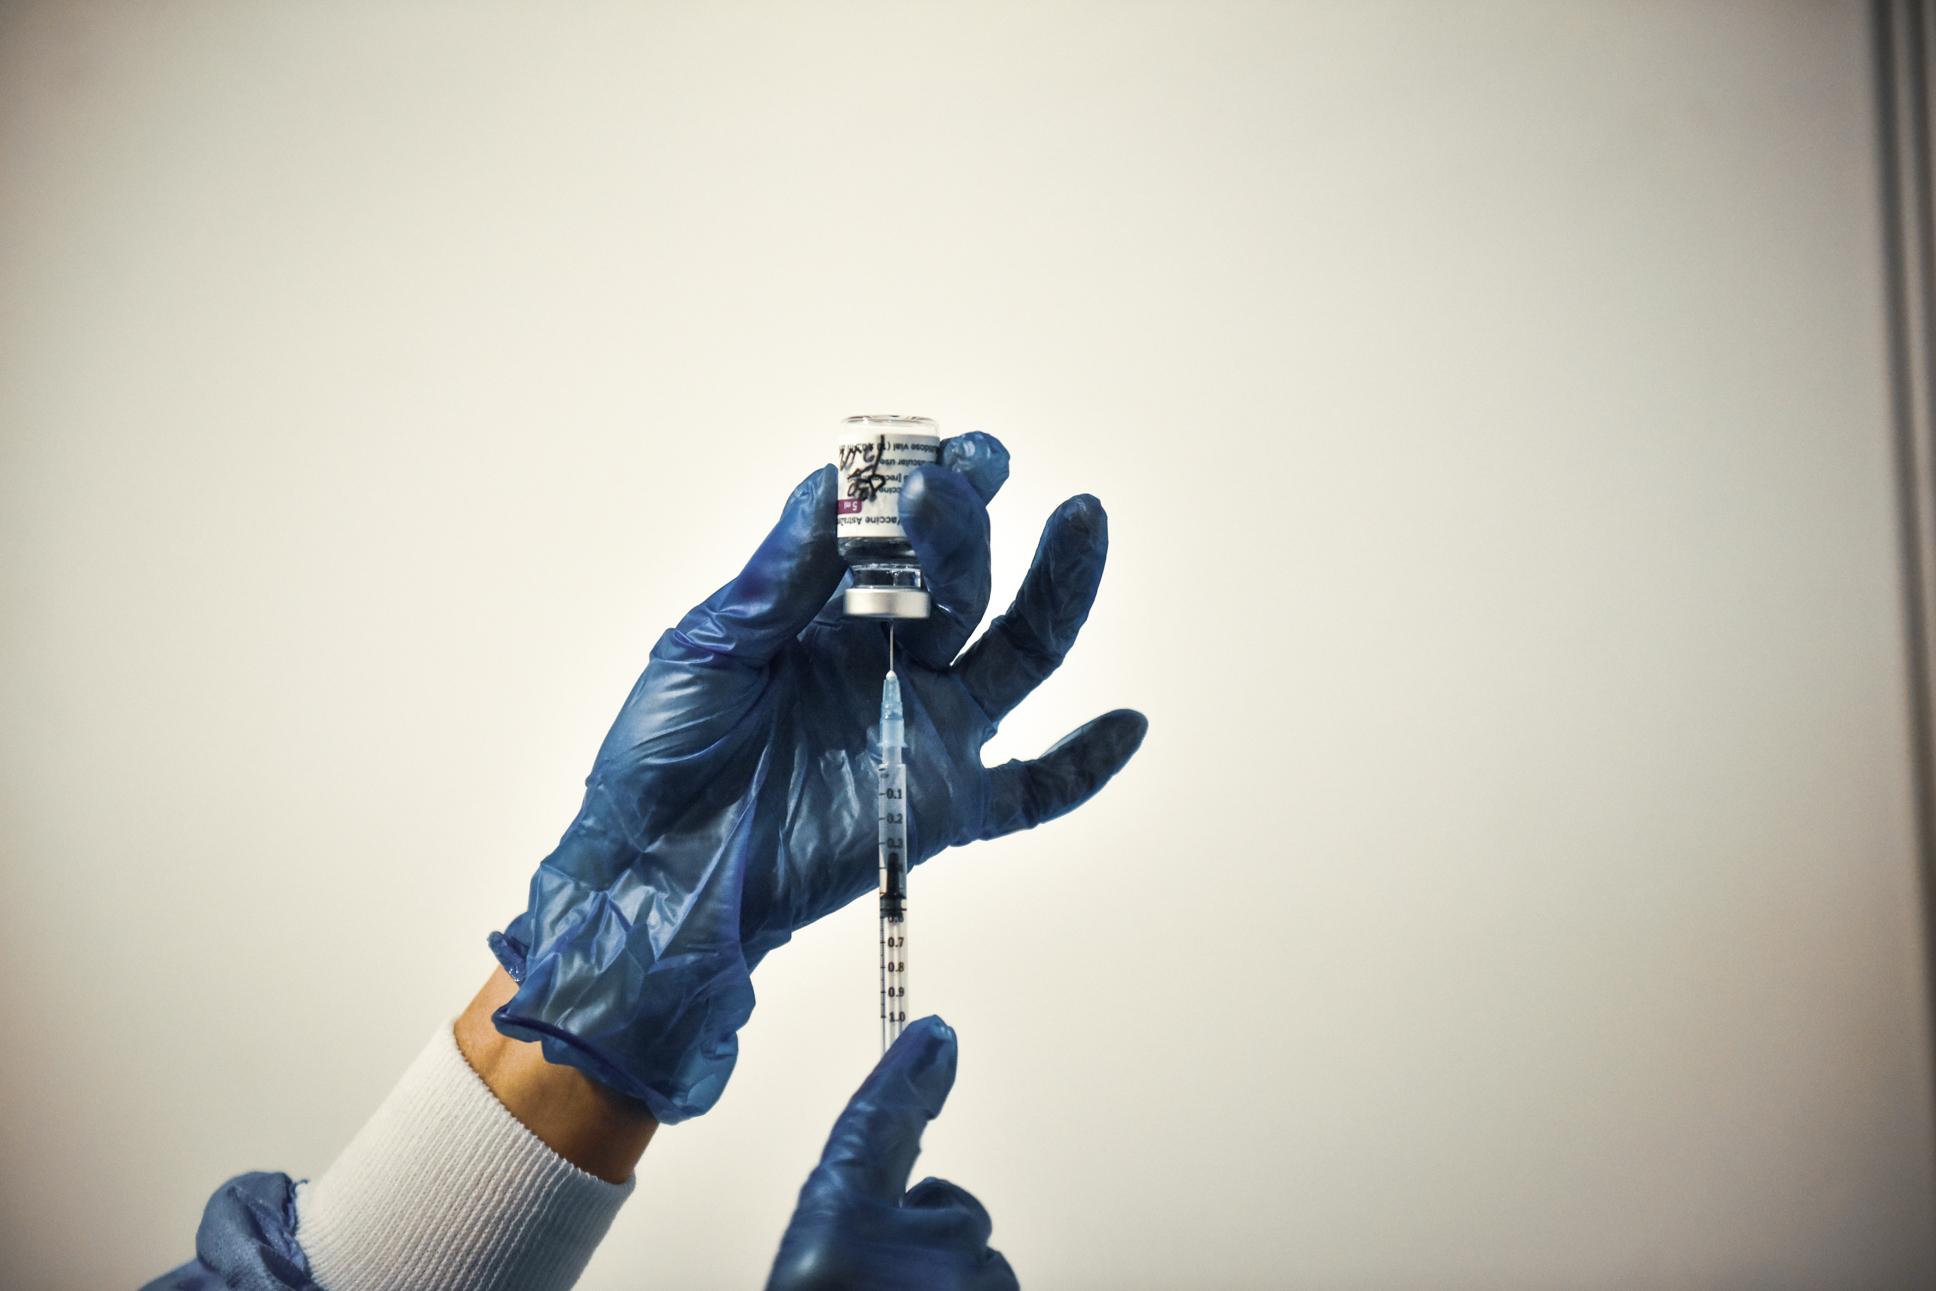 Doar 13% dintre cadrele didactice s-au vaccinat până acum, deși pe platformă s-au înscris aproape 49%